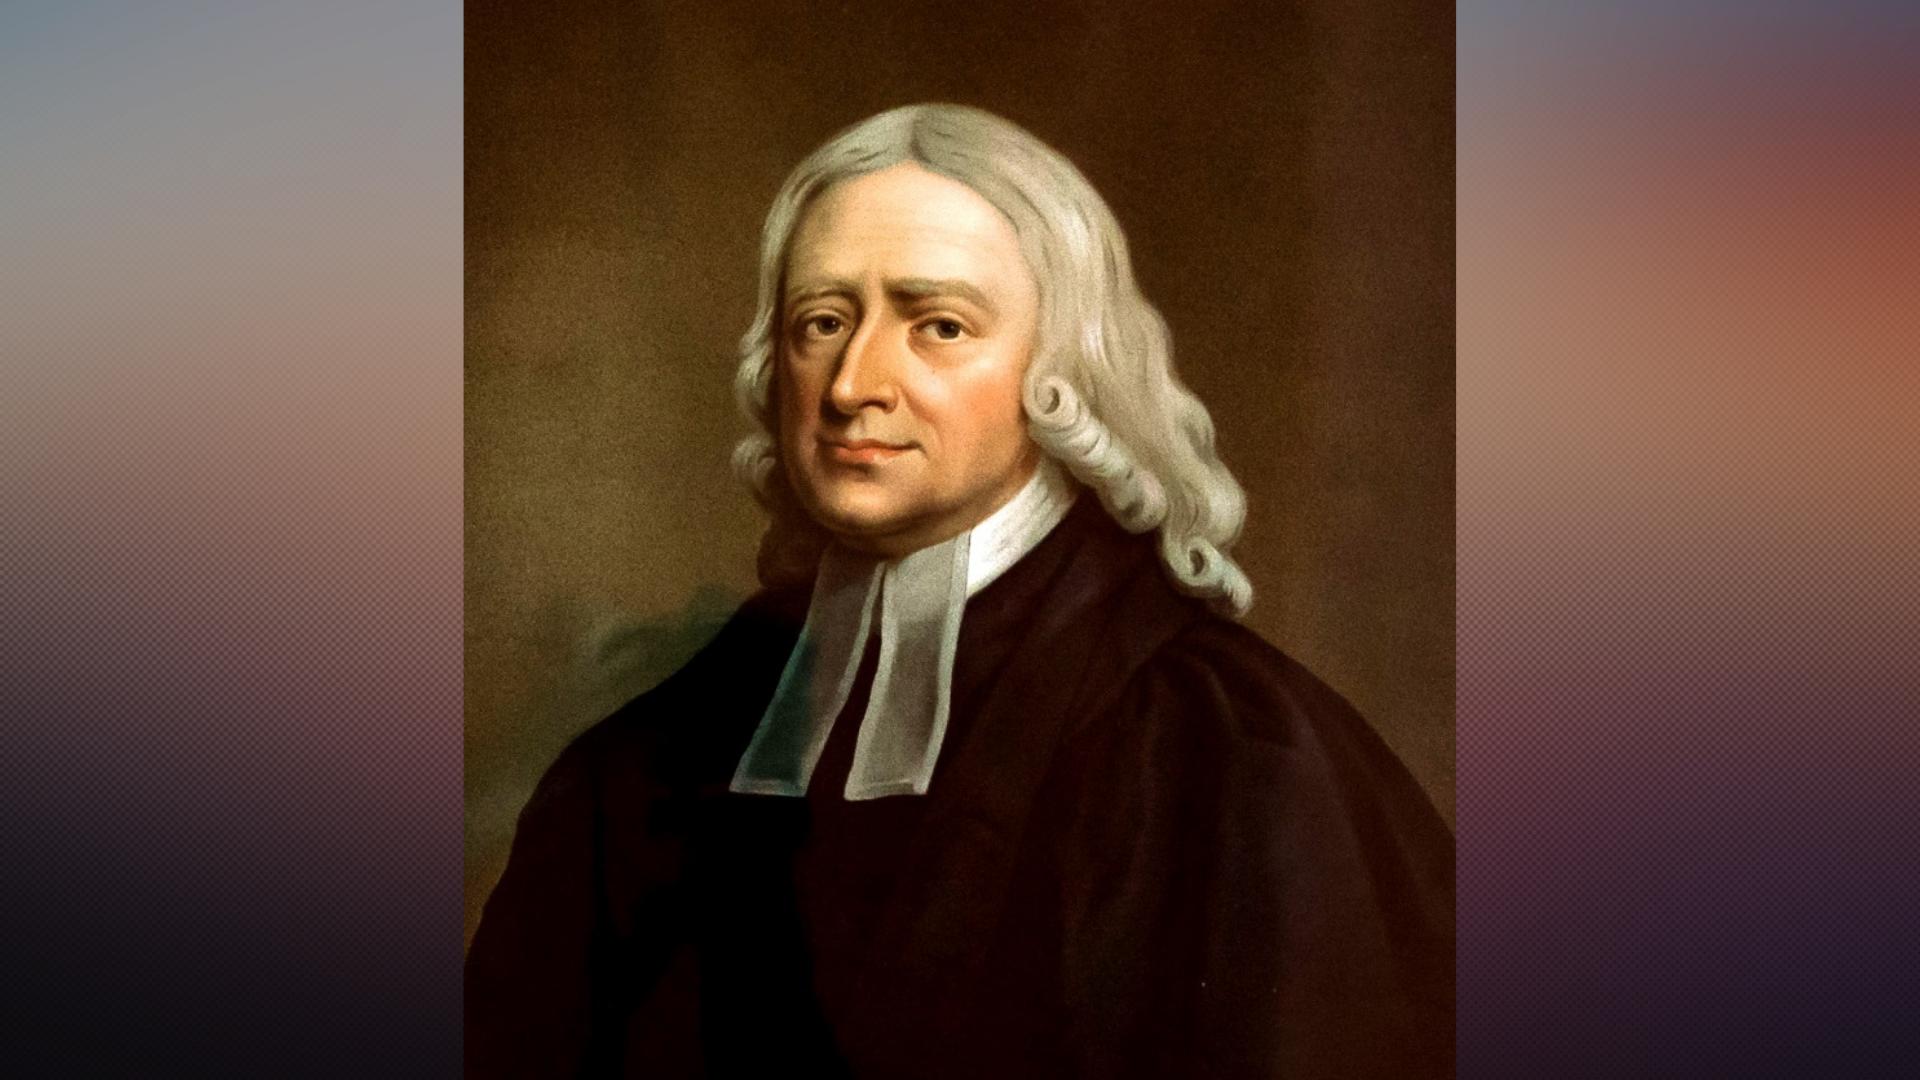 Heróis da Fé: John Wesley, o pai do metodismo que teve o 'mundo como sua paróquia'